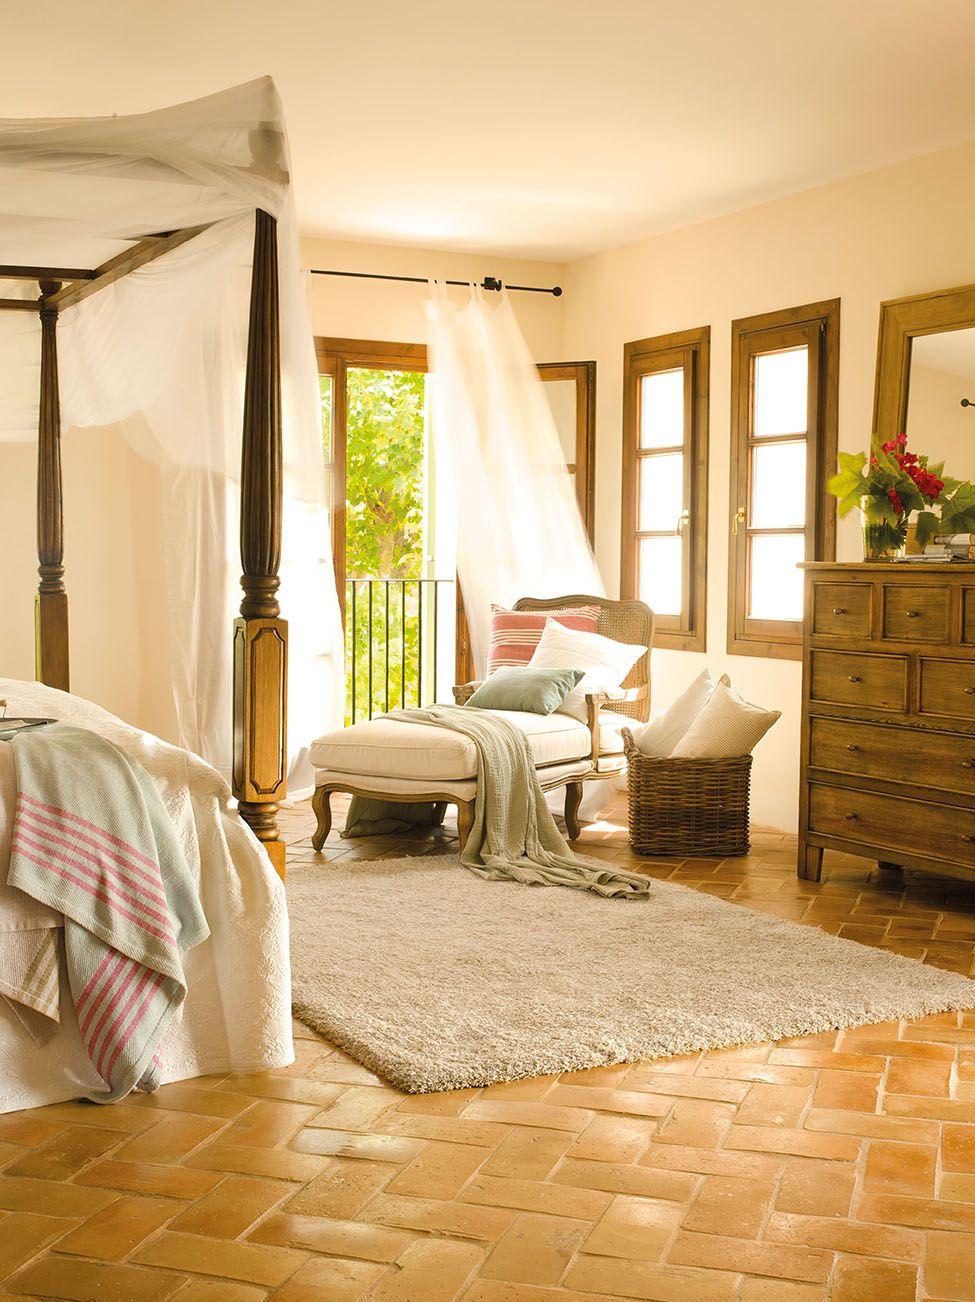 nos vemos en la isla dormitorios bedroom casas de. Black Bedroom Furniture Sets. Home Design Ideas